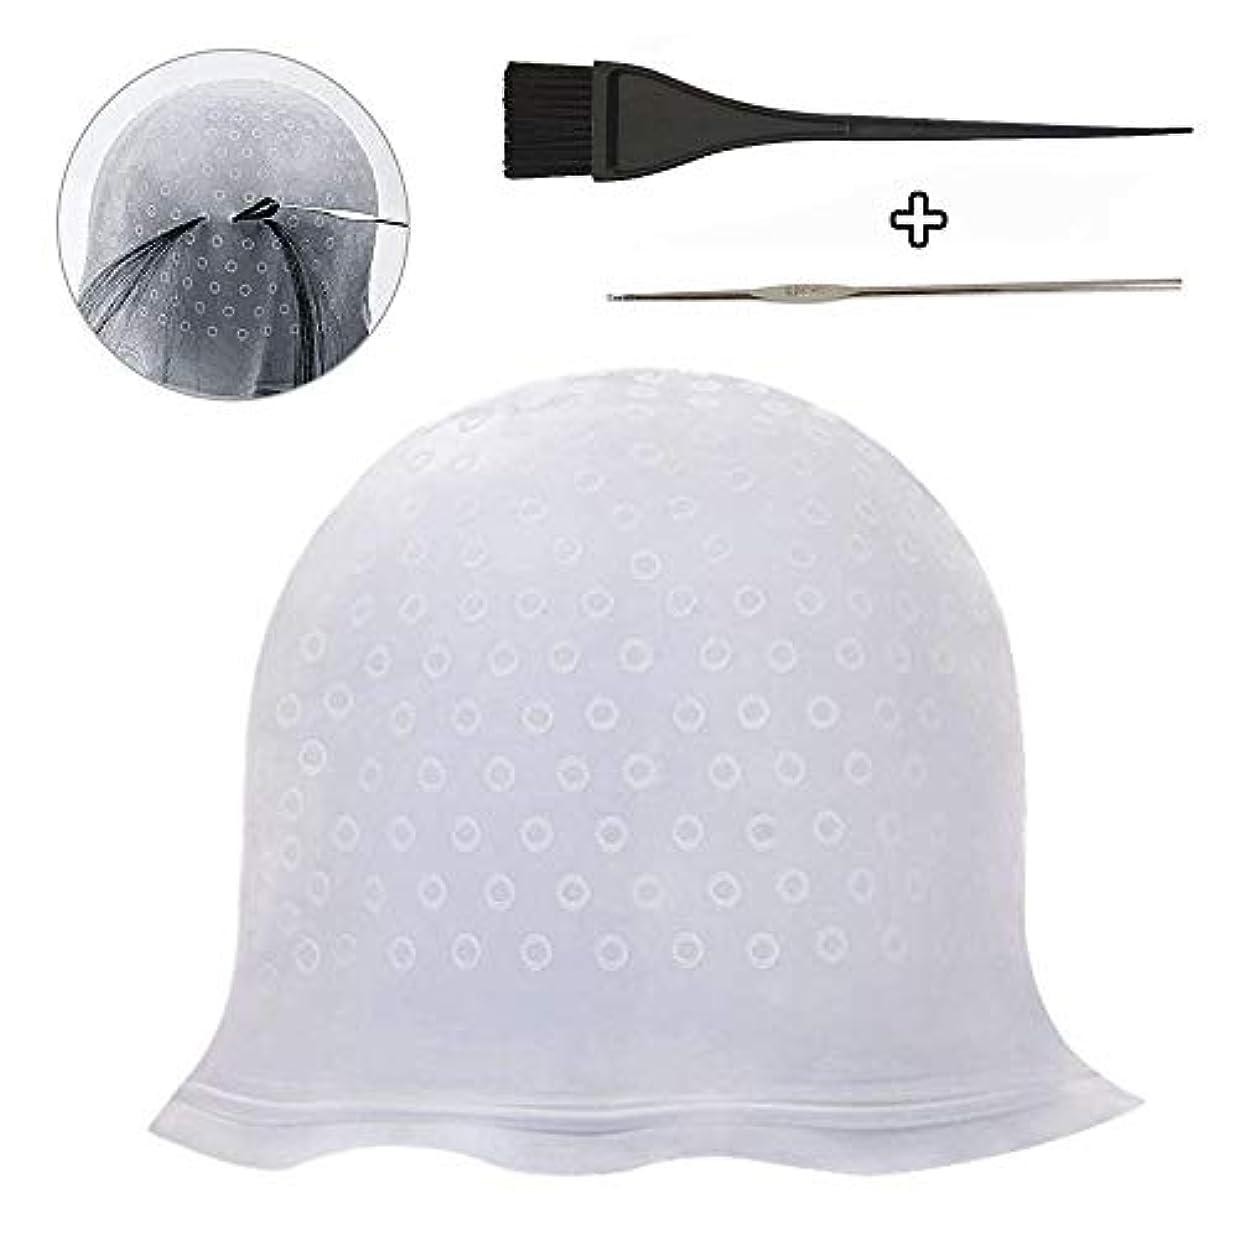 区別する自由ロースト毛染めキャップ 髪染め用ヘアキャップ シリコン製 ヘアカラー ヘアキャップ 自宅でヘアカラー 再利用可能 染め専用 メッシュ かぎ針とブラシ付き